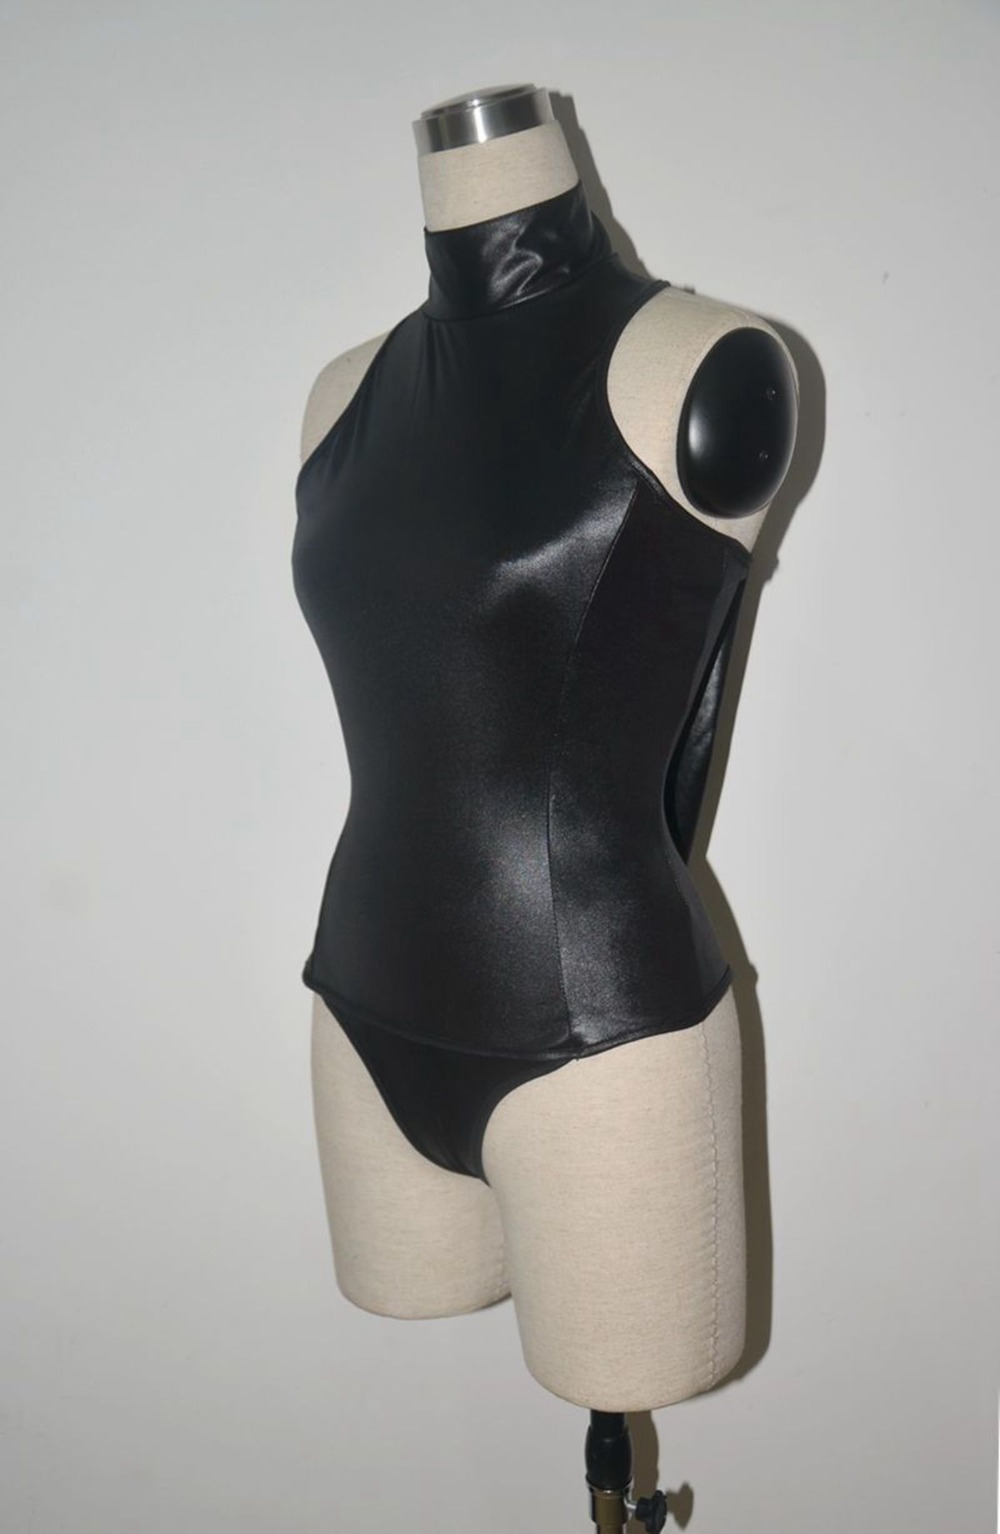 S-4XL, черный, красный, эротические купальники для косплея горничной, черный, красный, боди из искусственной кожи, сексуальное трико с высоким воротом и рукавами, Фетиш swinwe